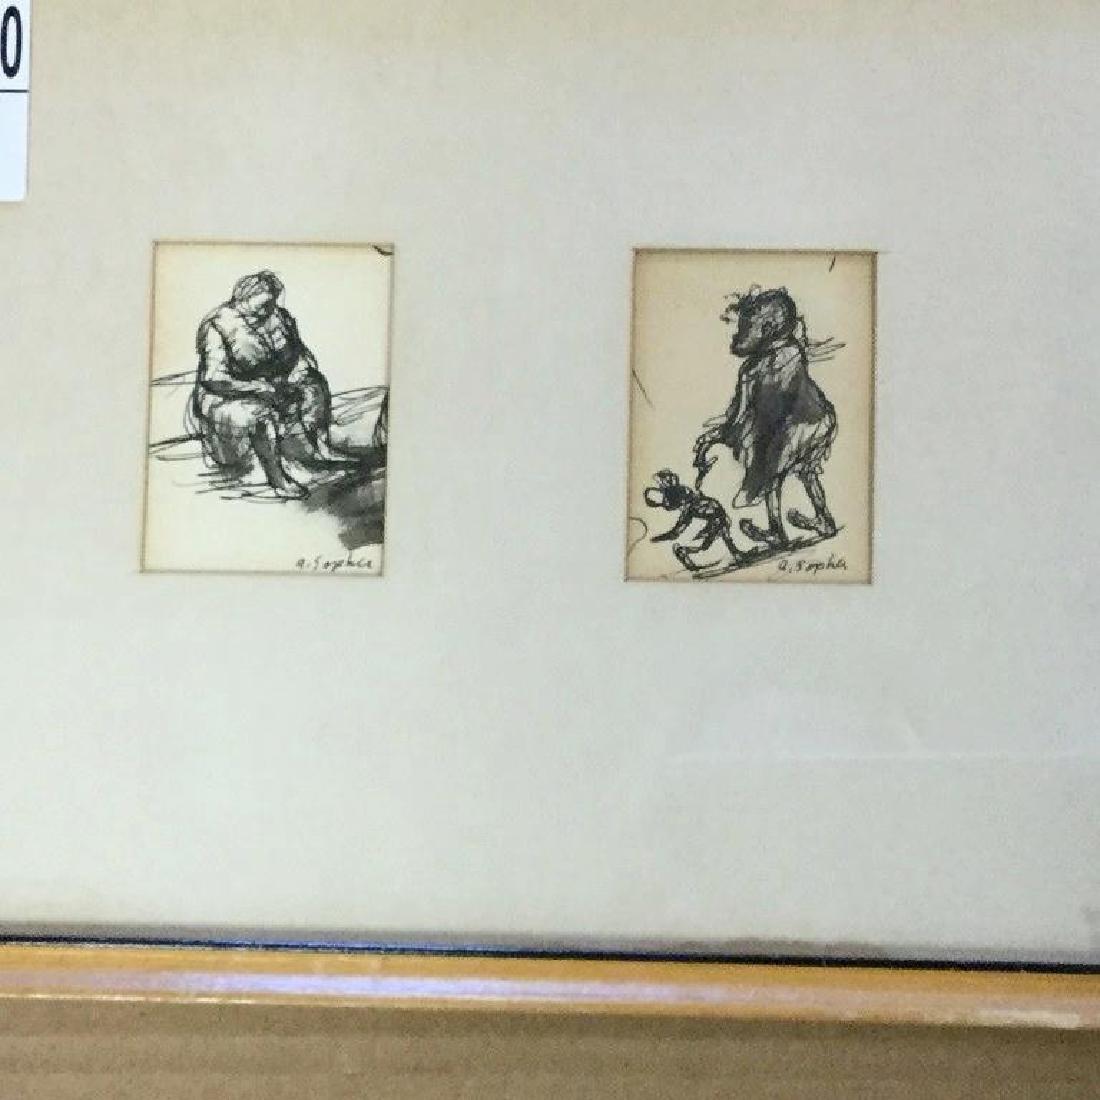 AARON SOPHER PEN & INK DRWINGS OF BLACK GIRL & WOMAN - 2